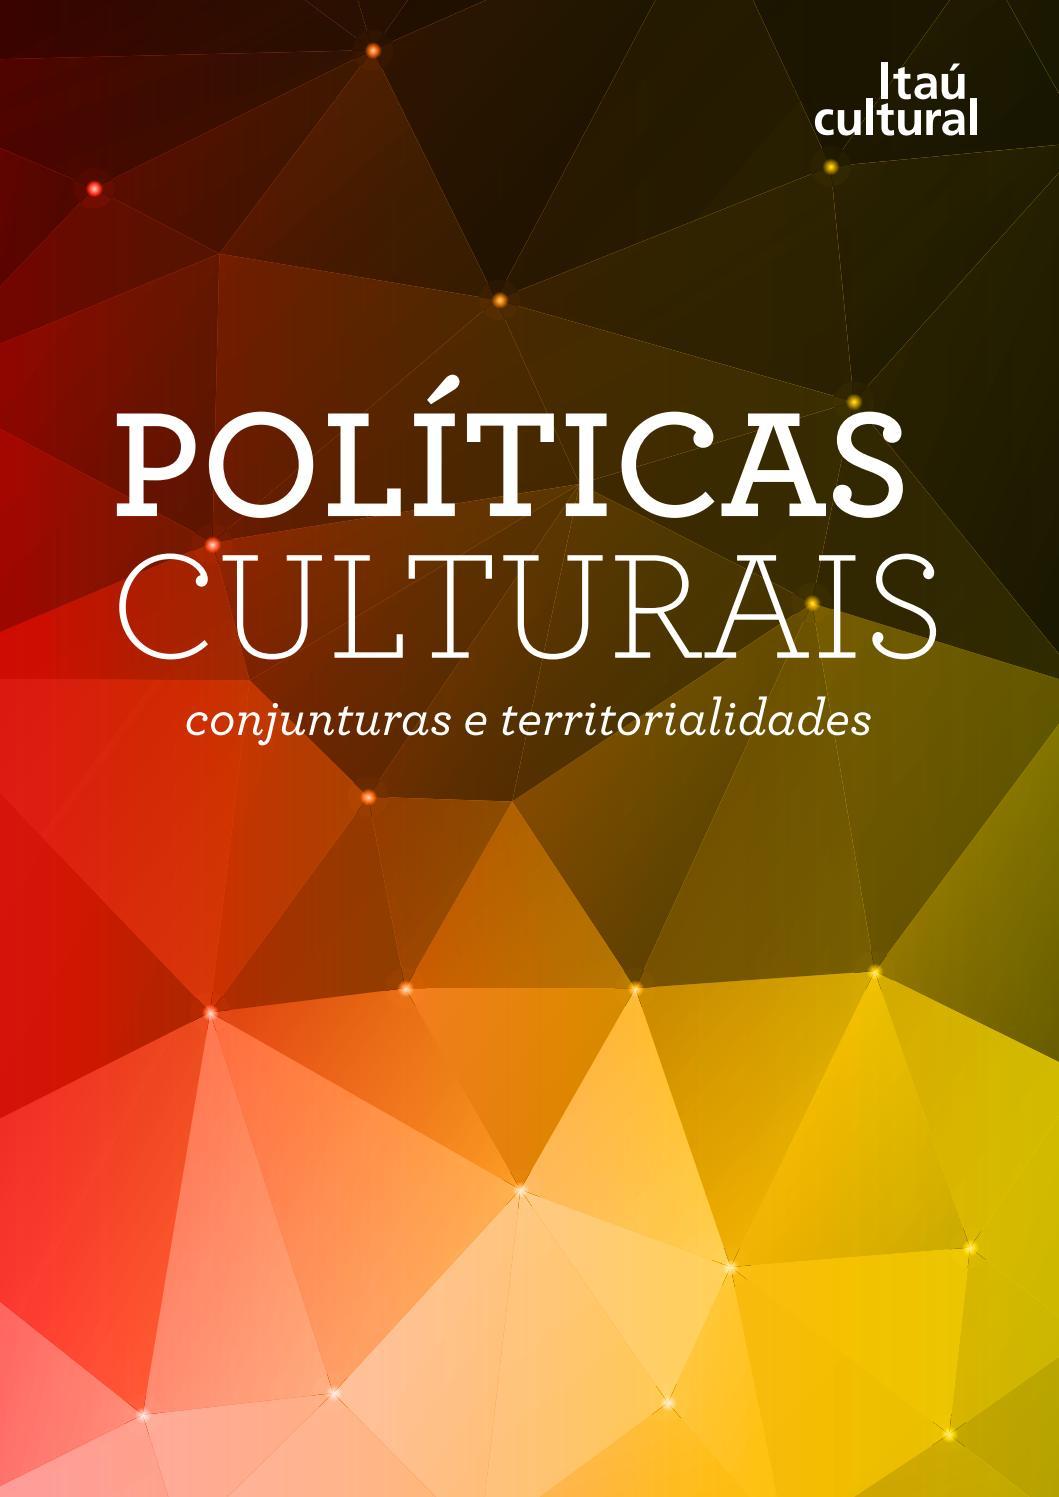 Políticas Culturais - Conjunturas e Territorialidades by Itaú Cultural -  issuu a3acbd390b